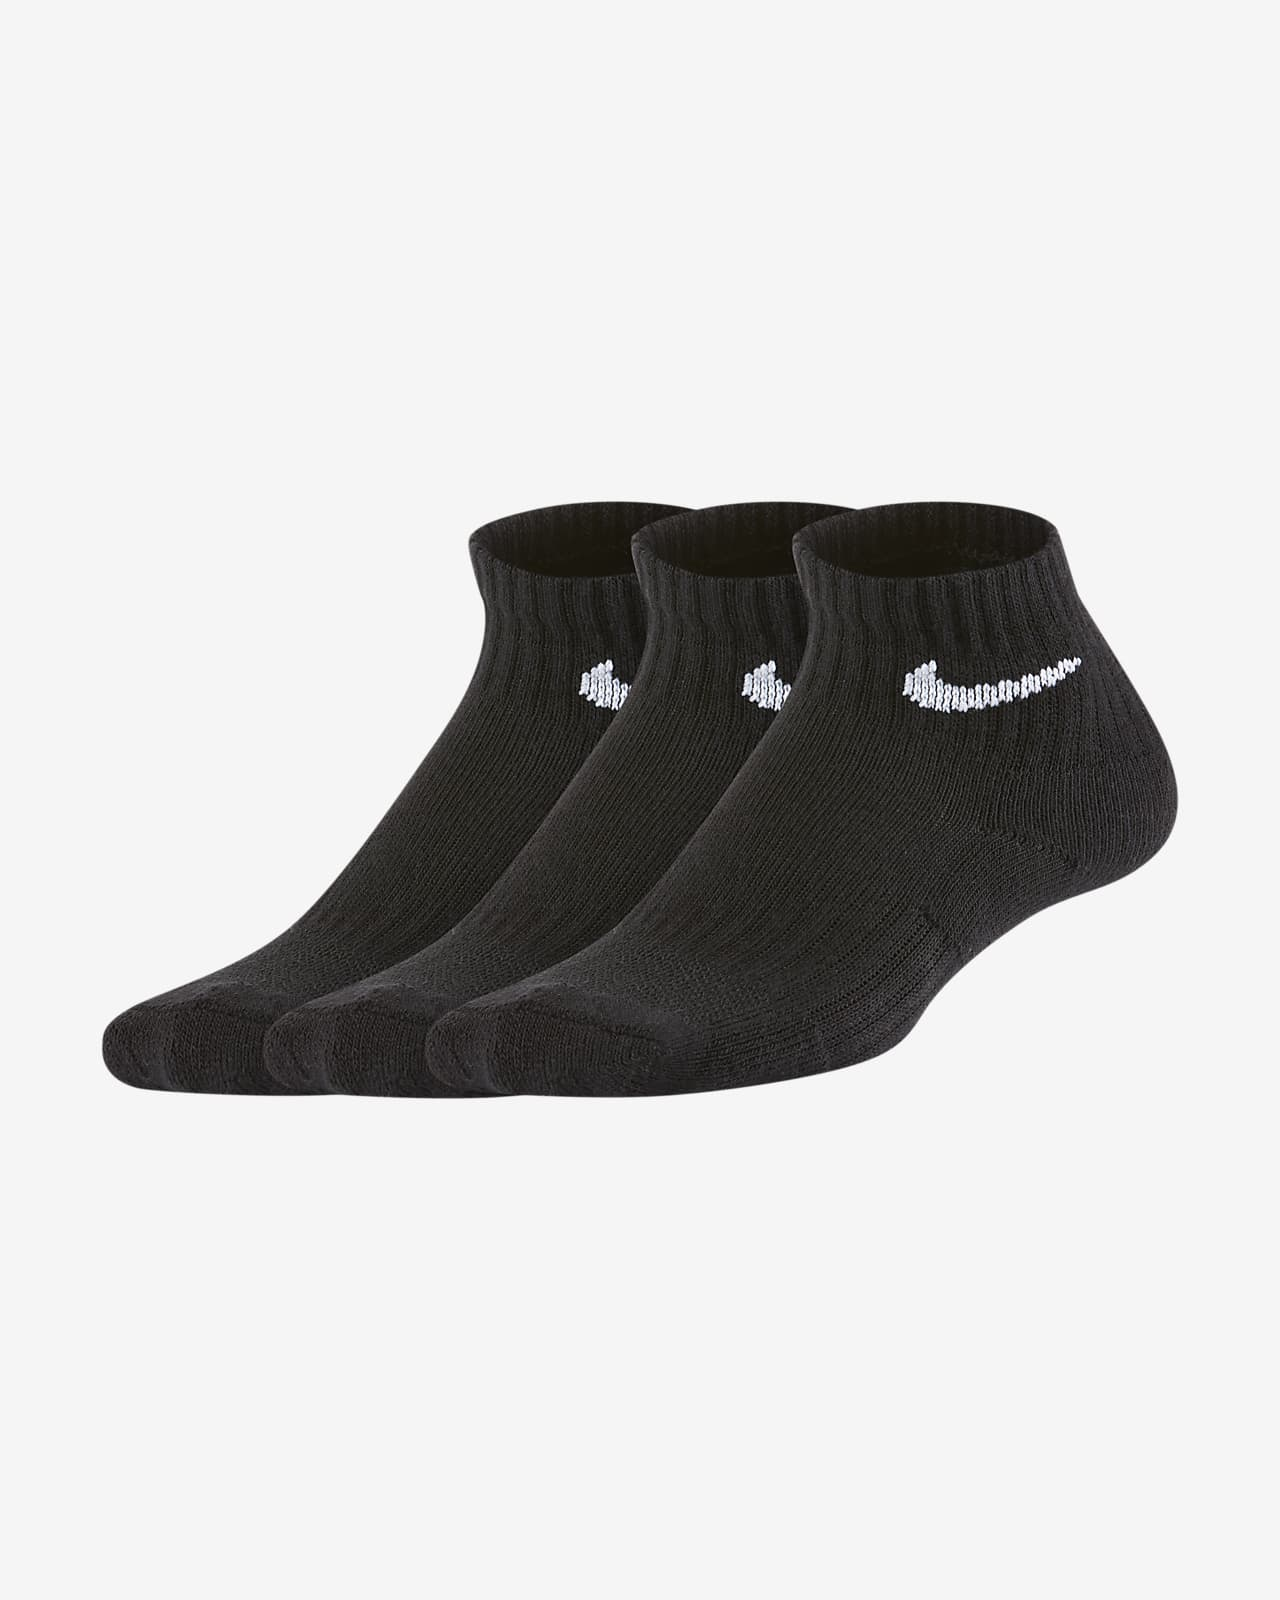 Skarpety do kostki z amortyzacją dla małych dzieci (3 pary) Nike Everyday